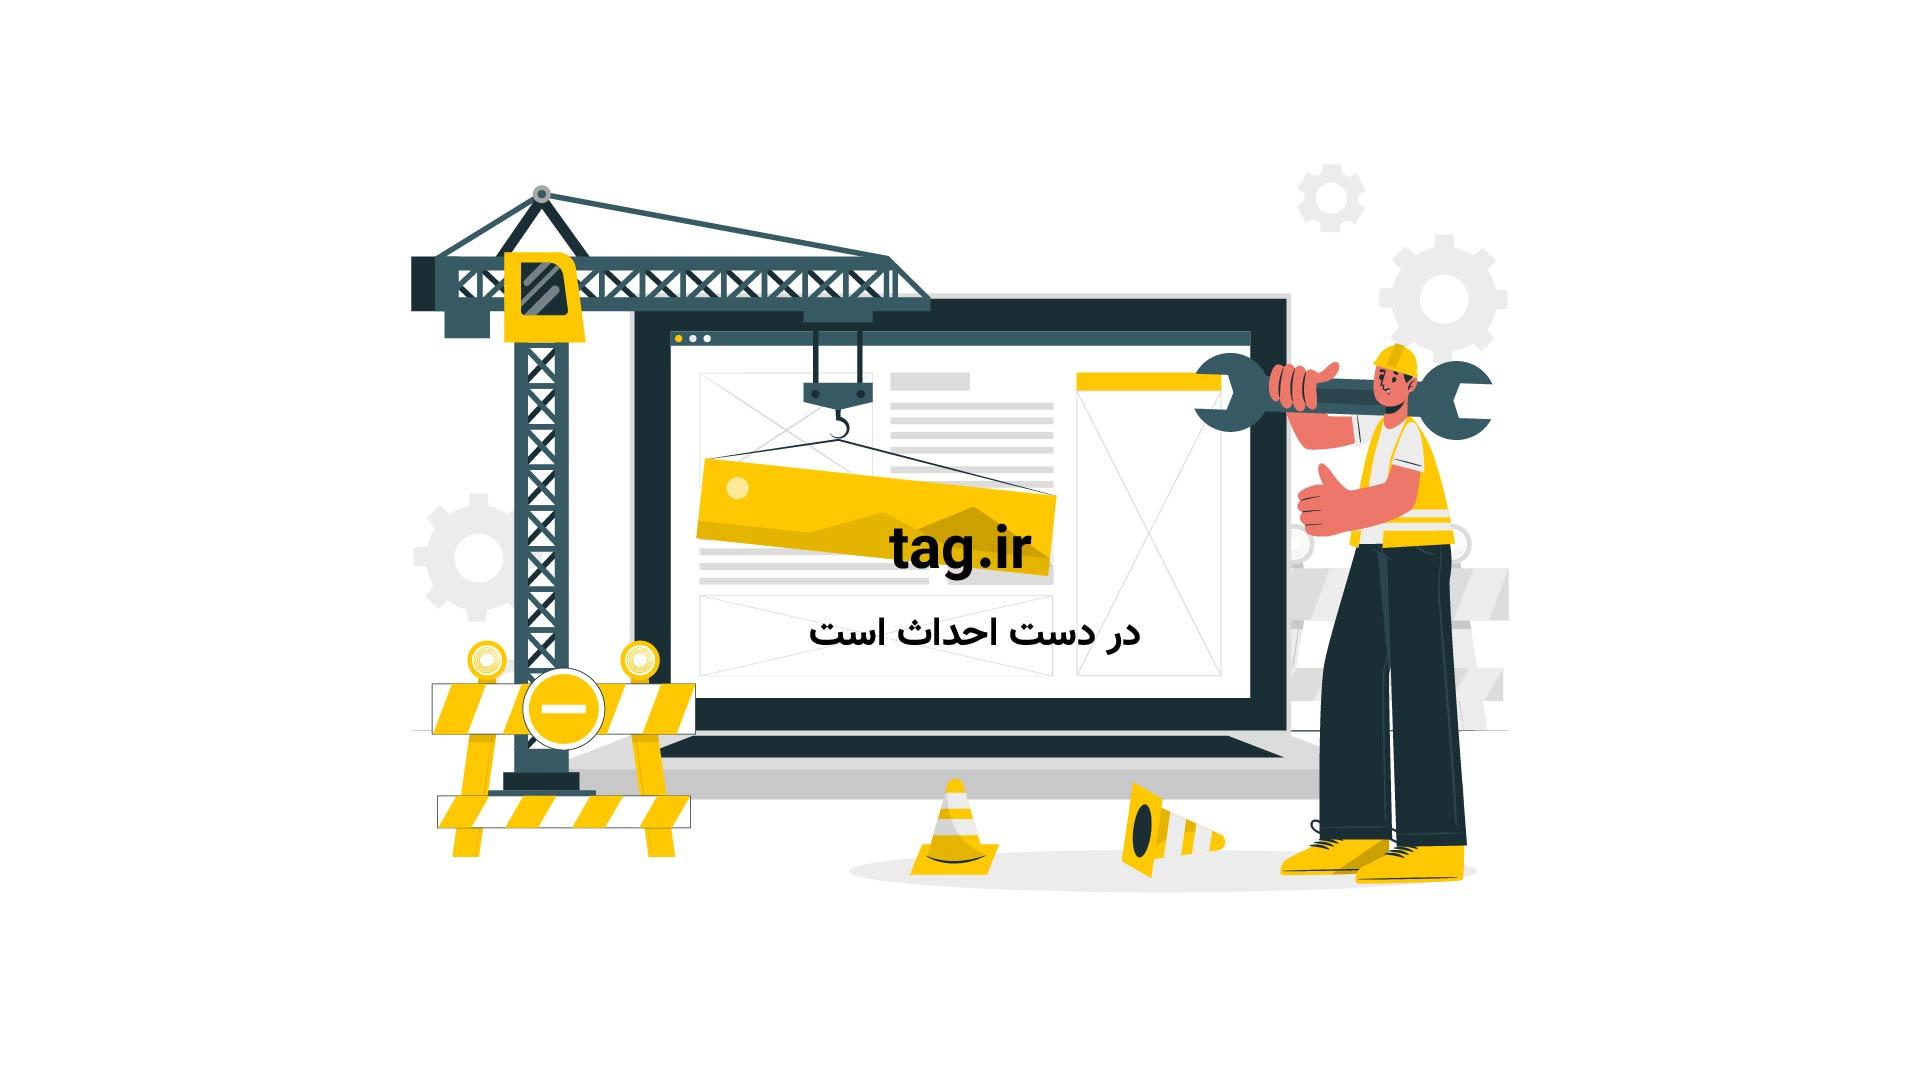 آتش گرفتن چند کارگر بر اثر انفجار مخزن گاز | فیلم